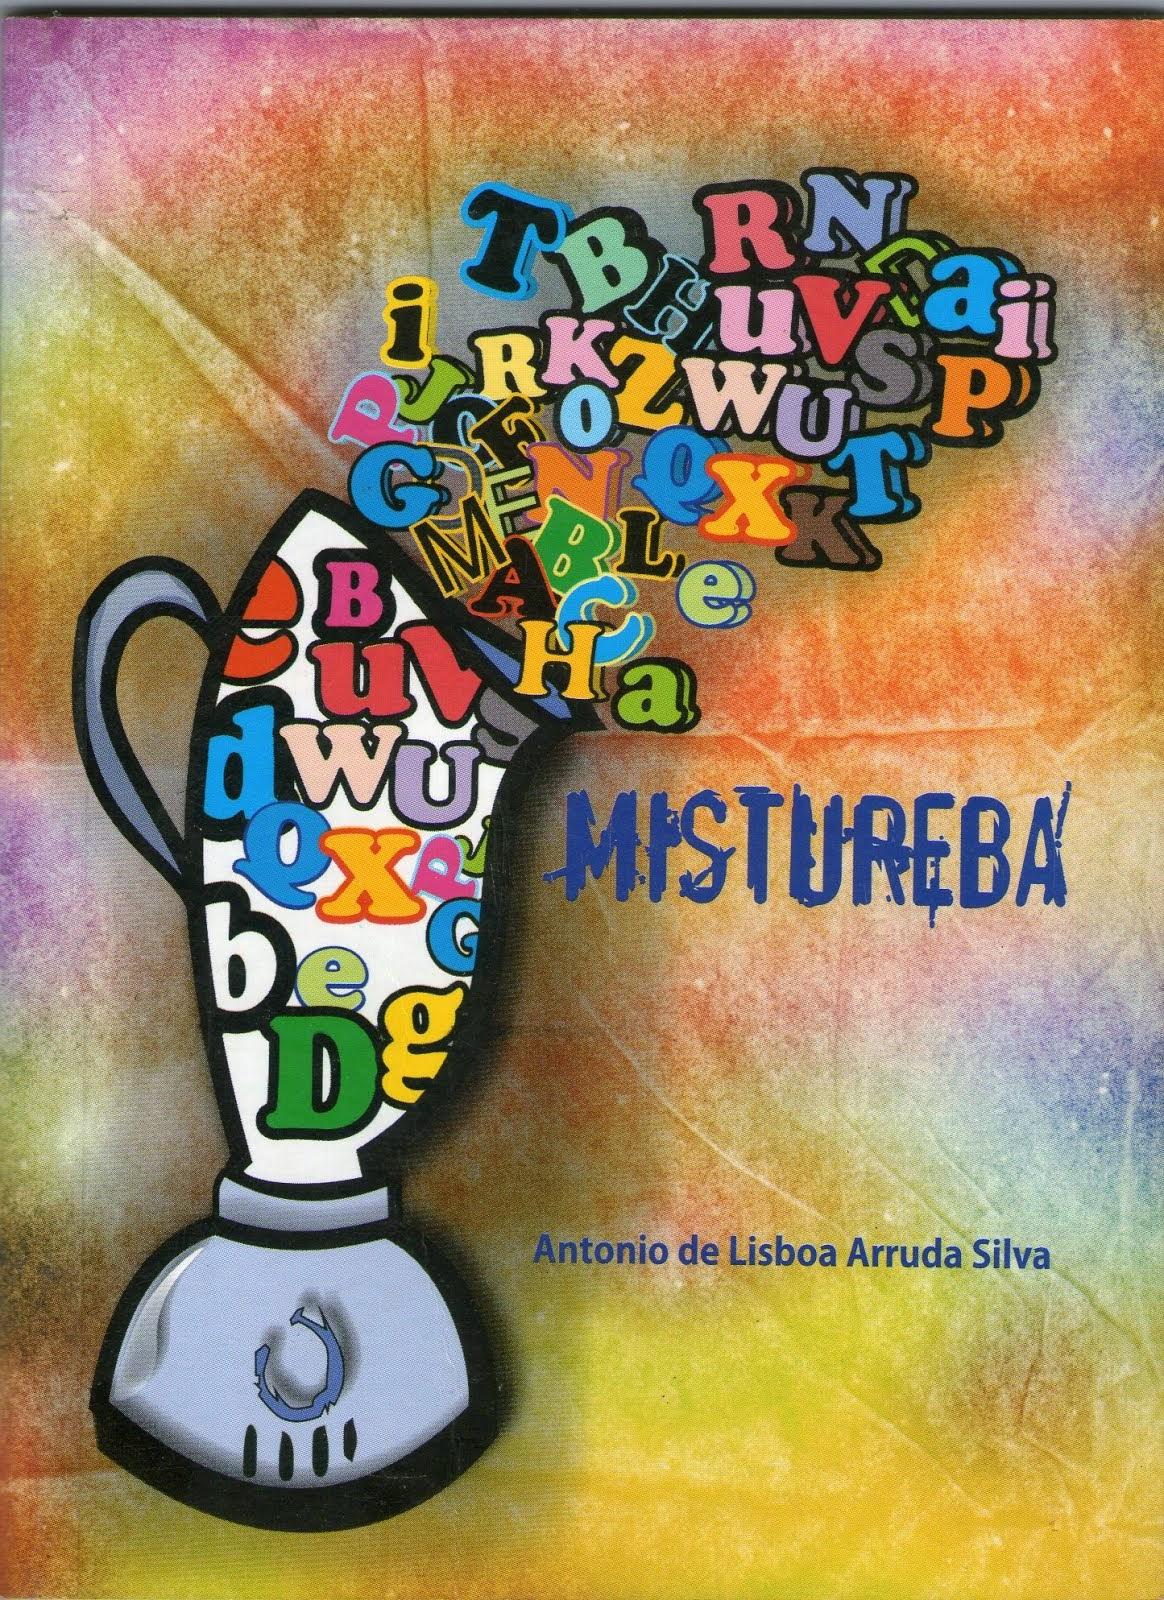 Mistureba